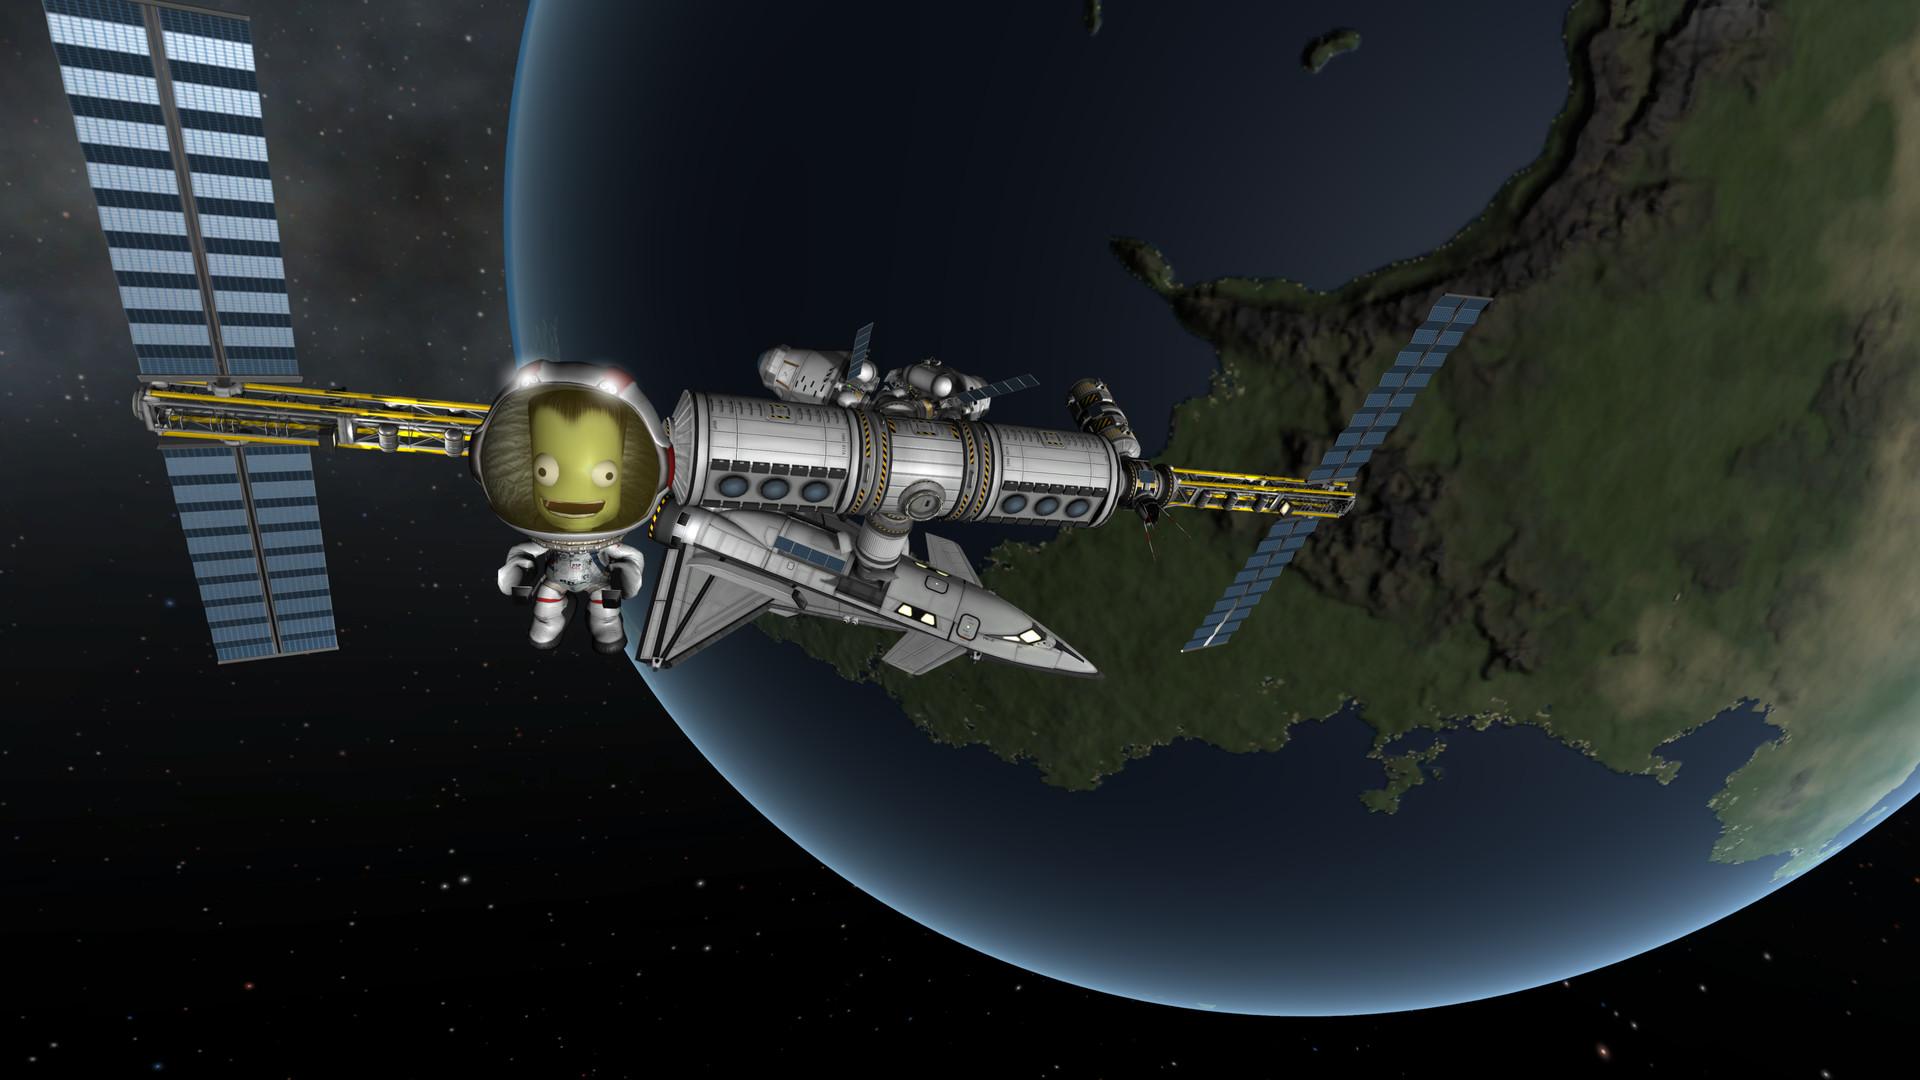 Kerbal space program скачать торрент бесплатно.